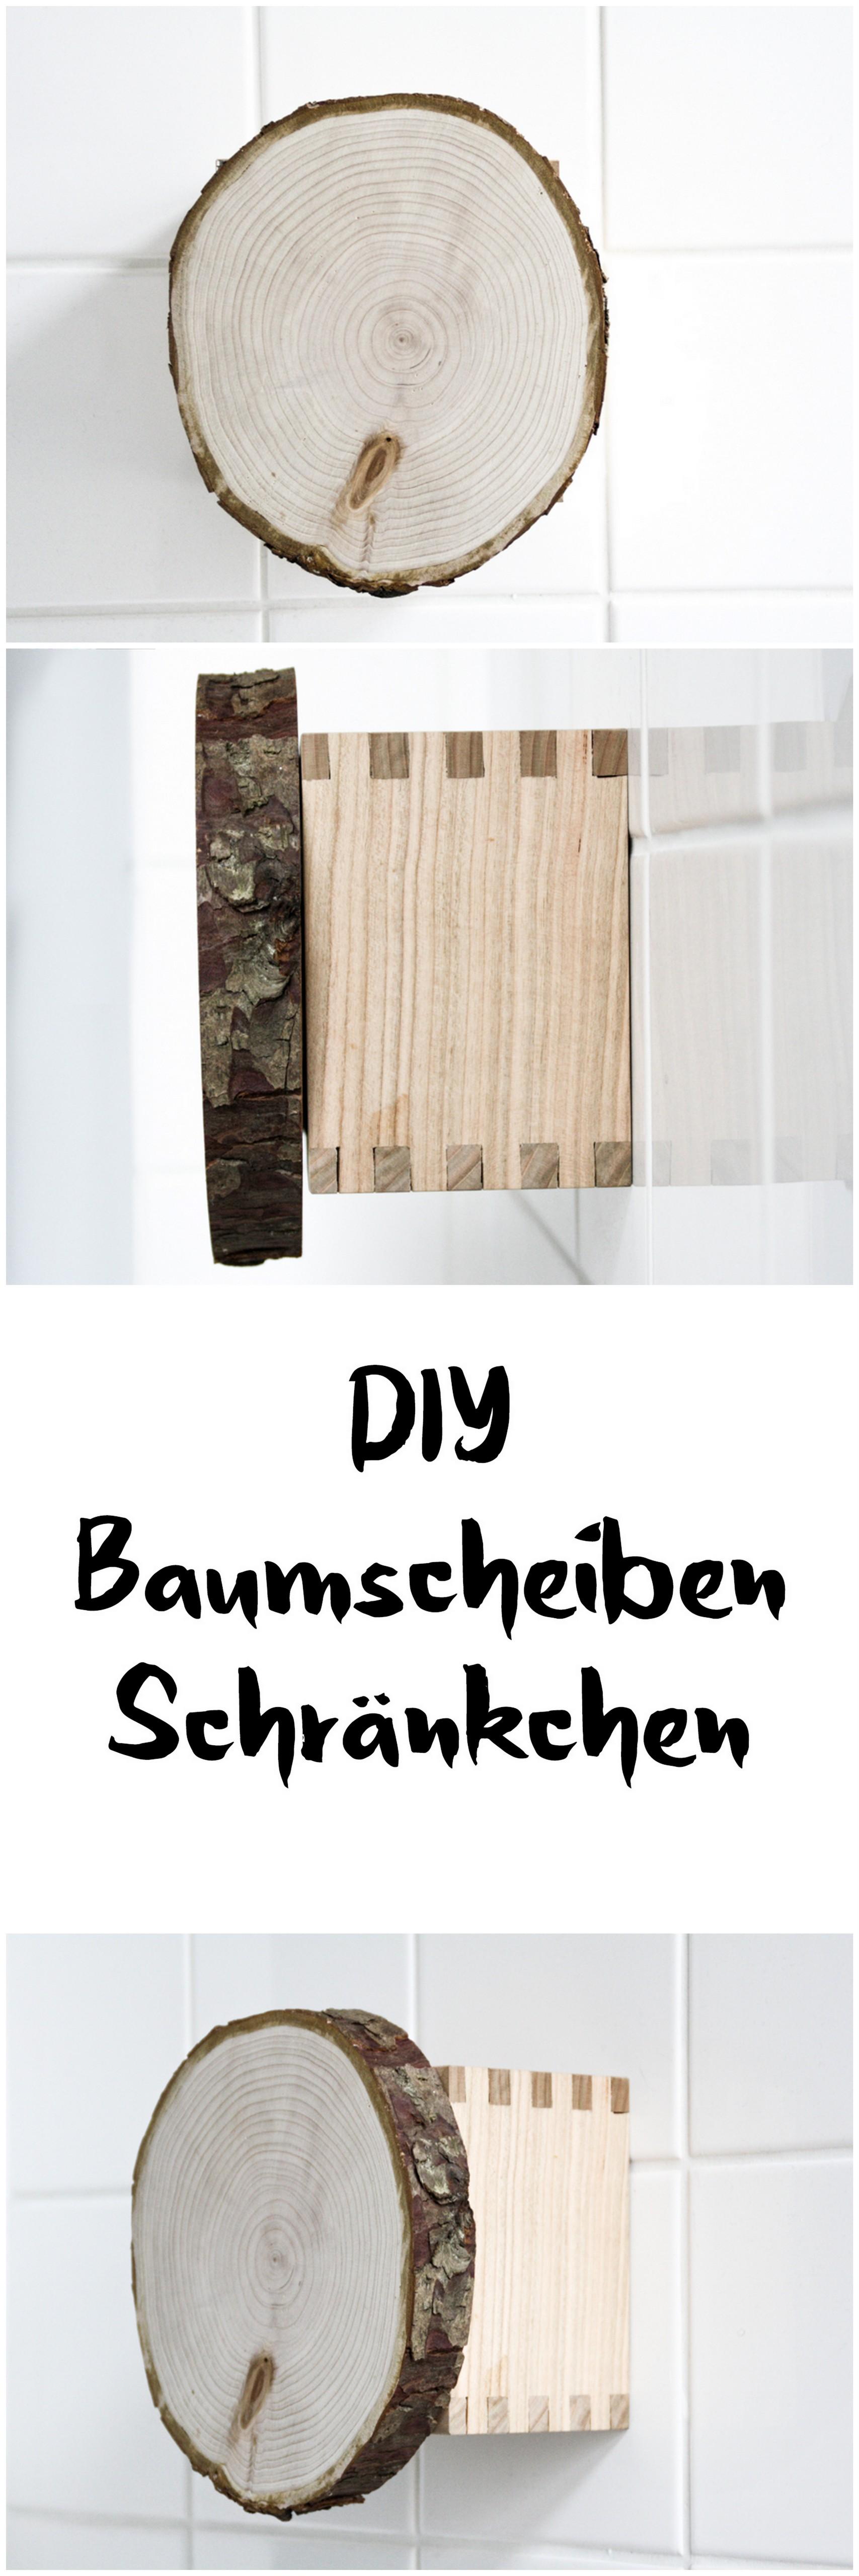 Diy Baumscheiben Medizinschrank Bastelschrank Holz